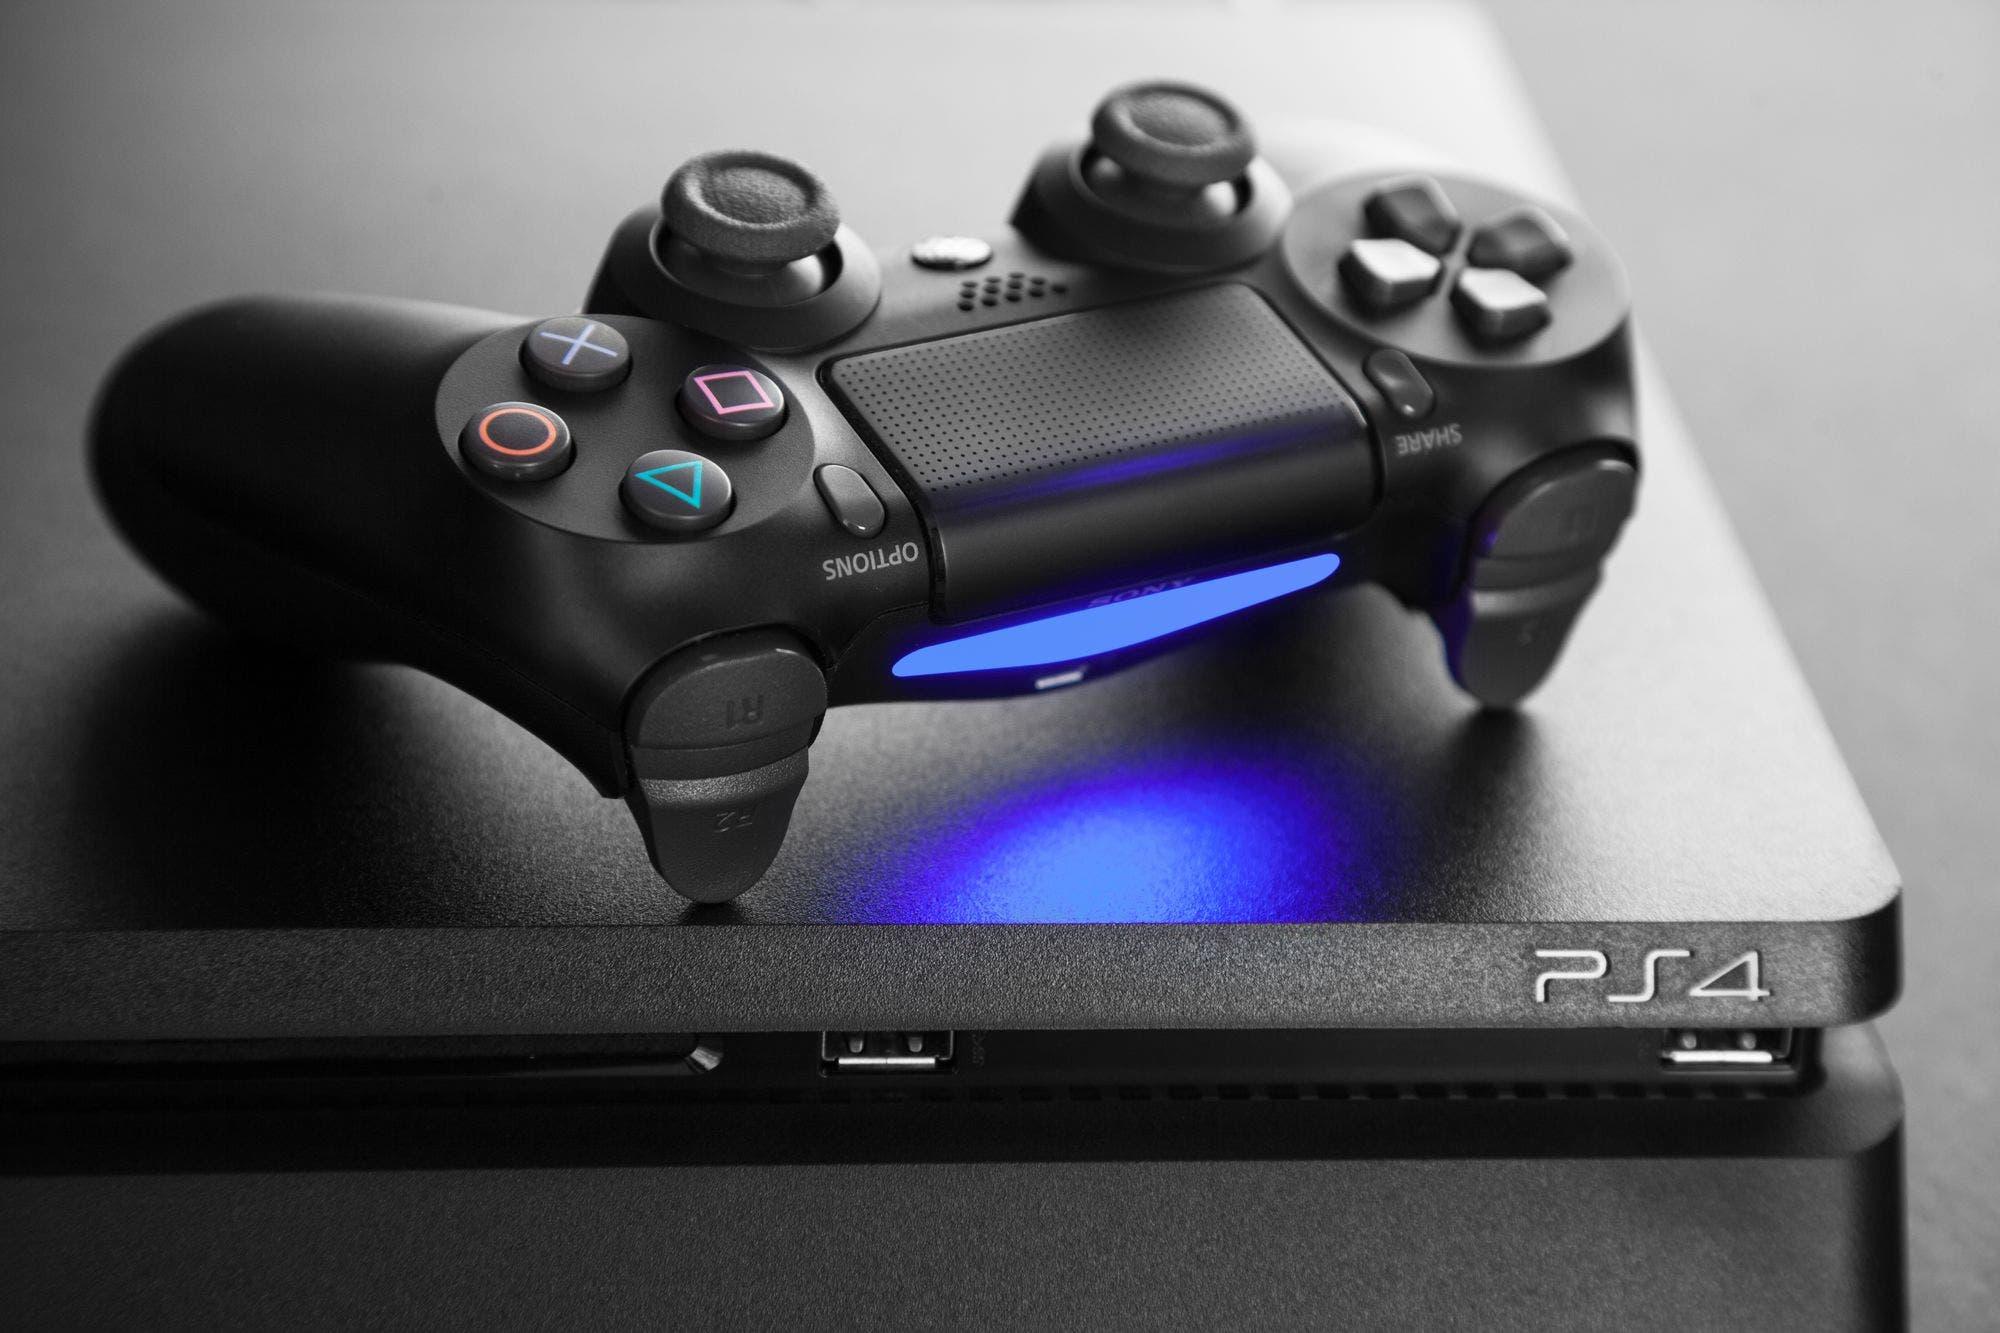 El PlayStation Store argentino iguala los precios con el de EE.UU. ¿Cuánto saldrán los juegos oficiales ahora?